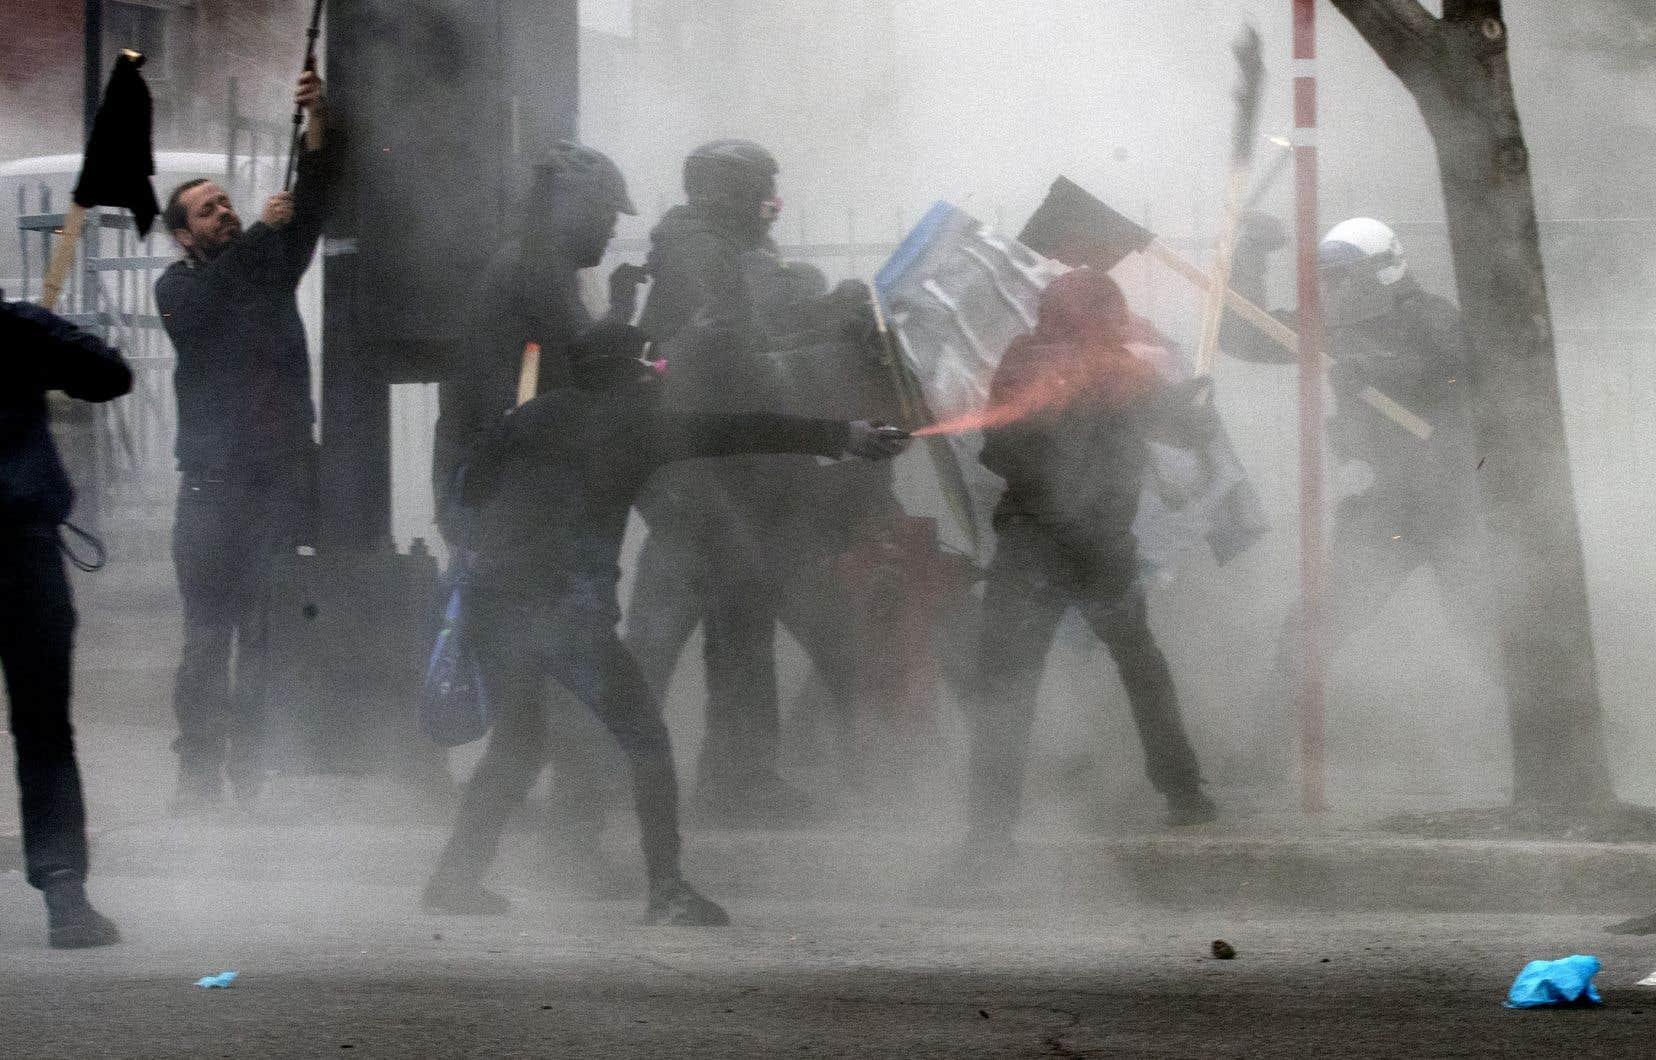 Un affrontement entre des protestataires cagoulés et des policiers a divisé le groupe de manifestants à peine cinq minutes après le début du rassemblement.